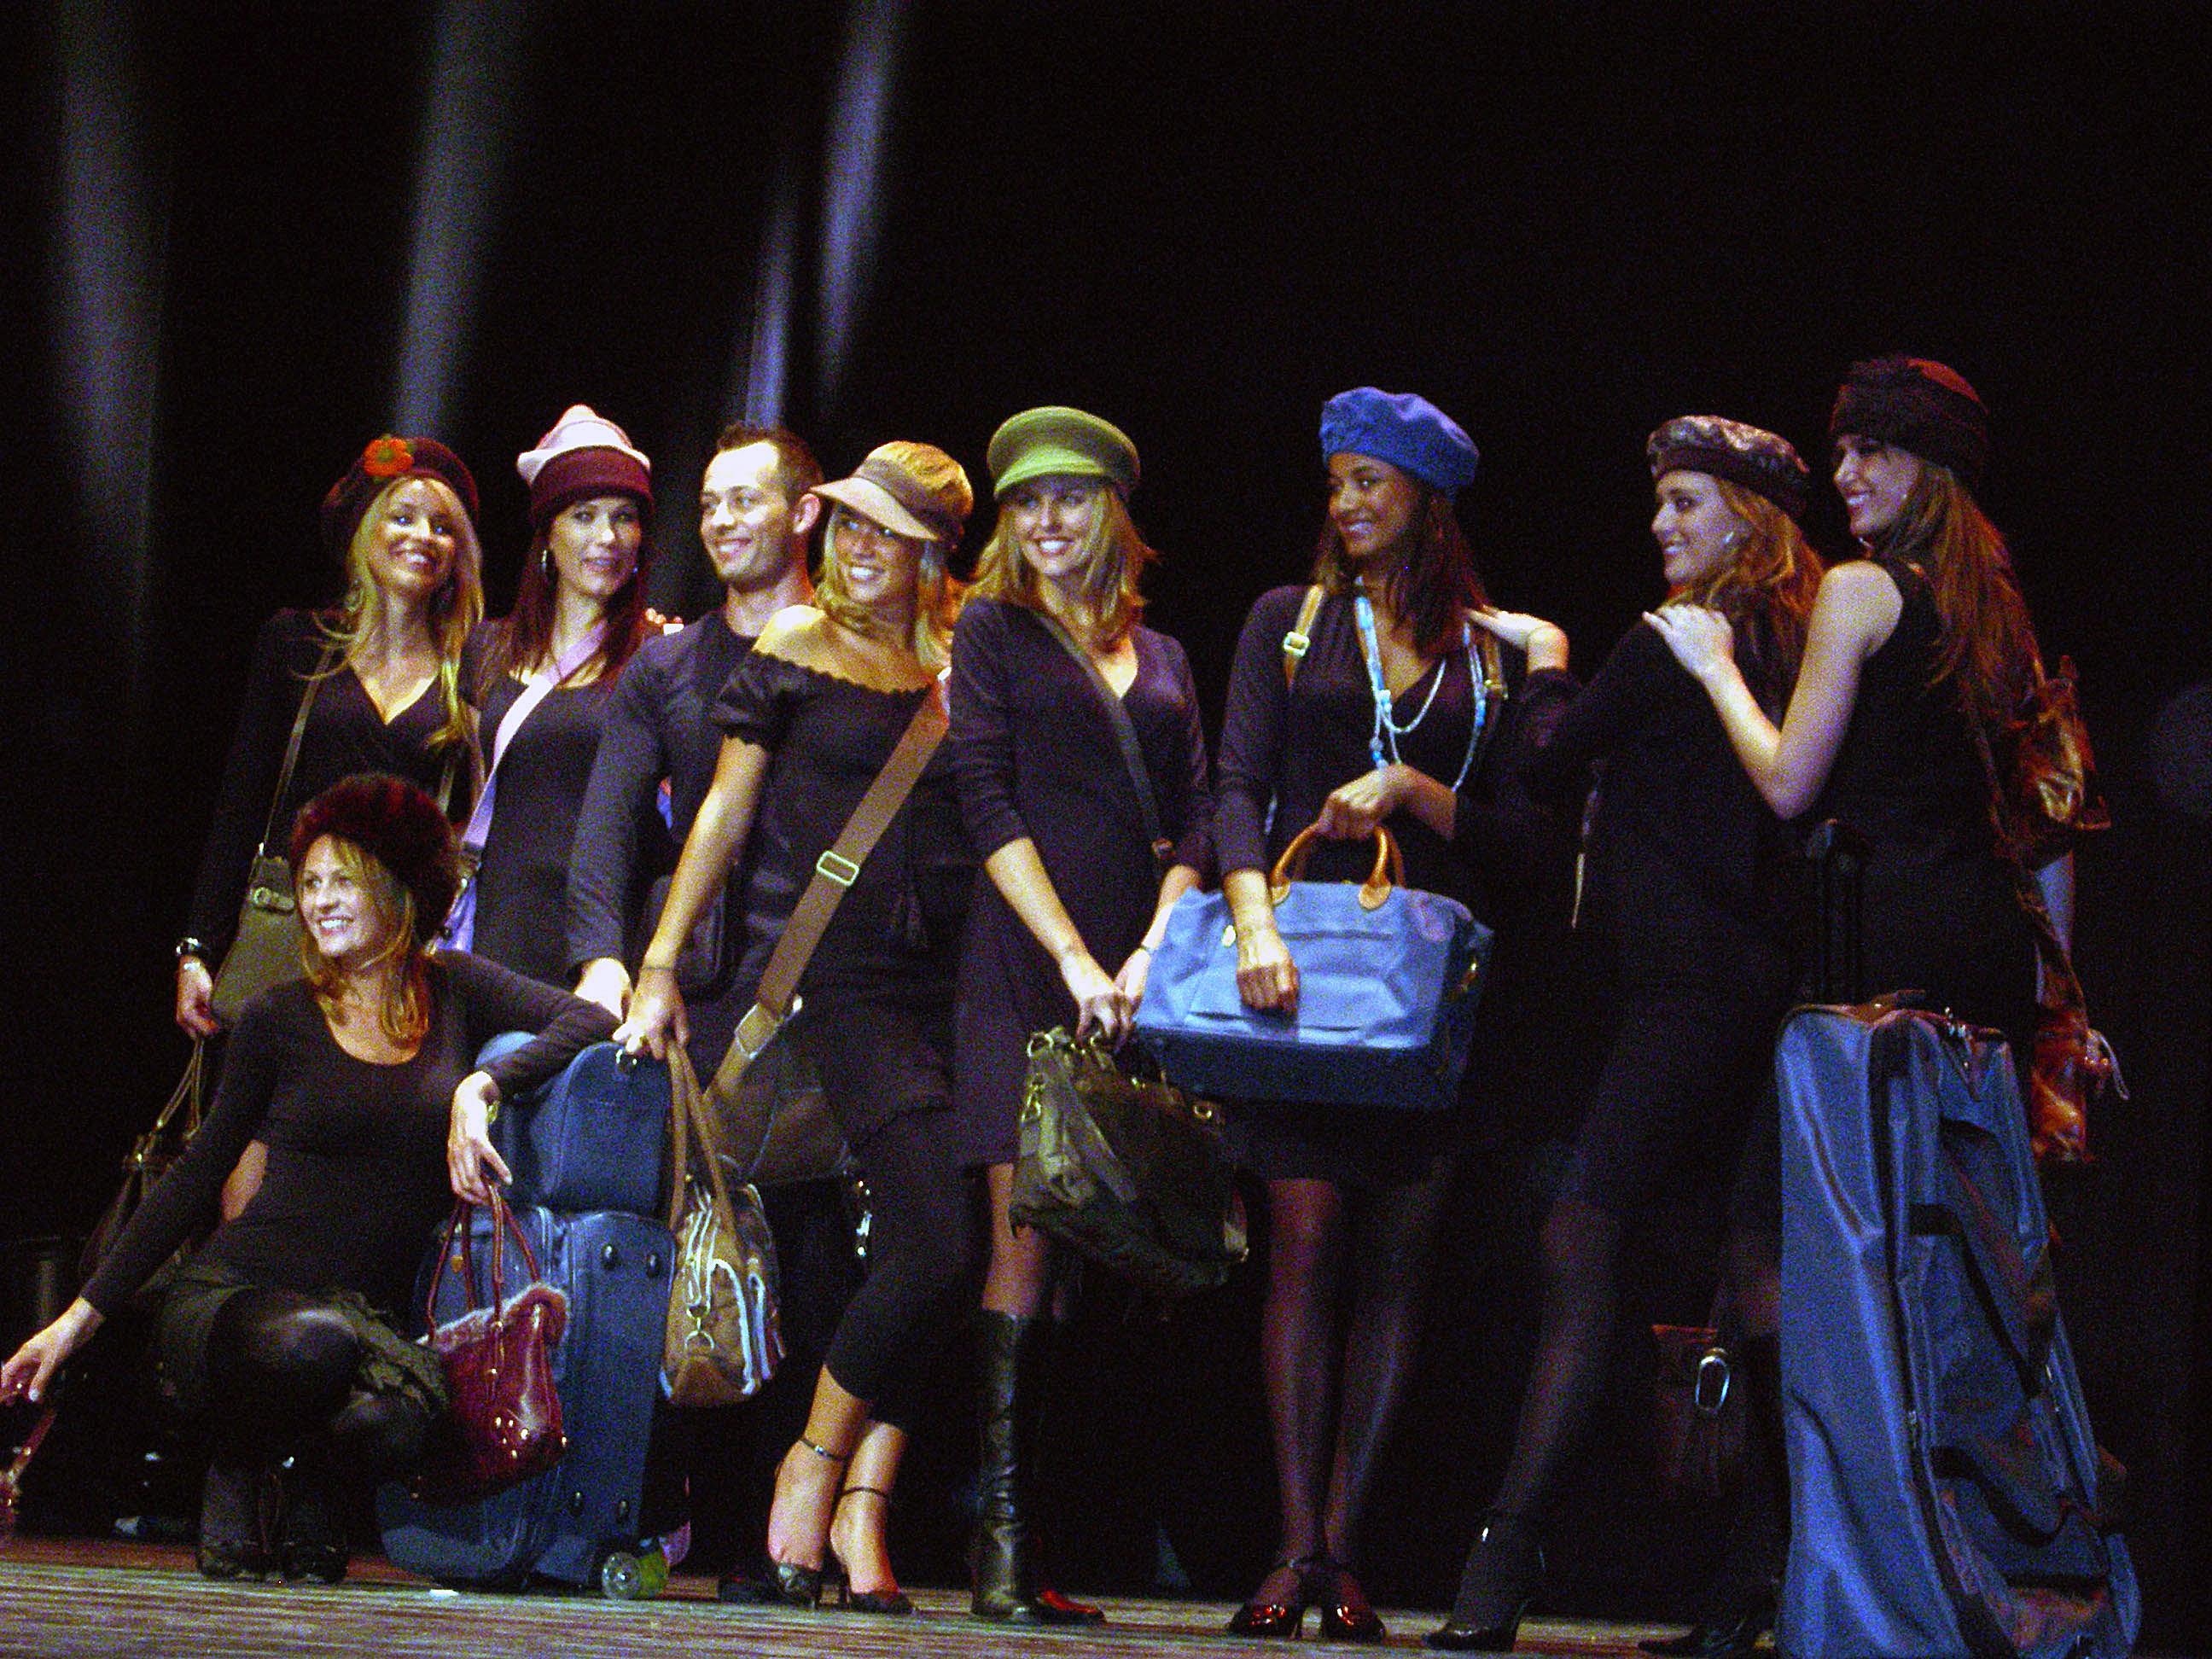 Défilés de mode